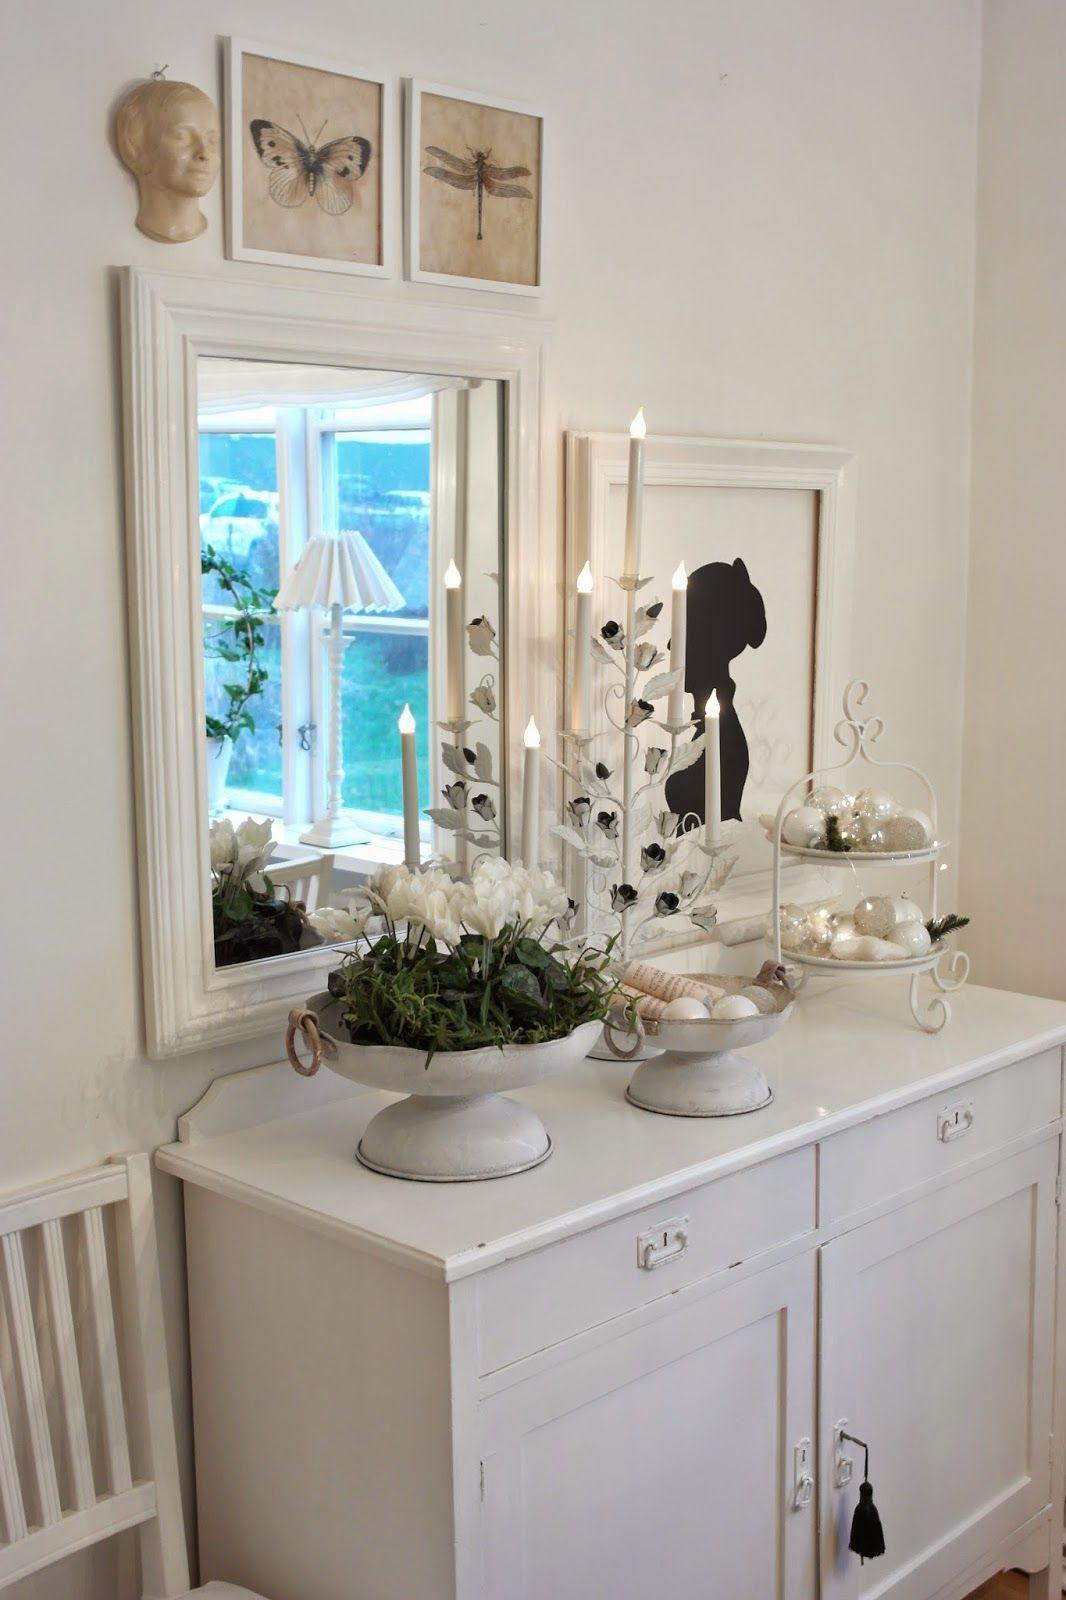 Vitt hus med vita knutar